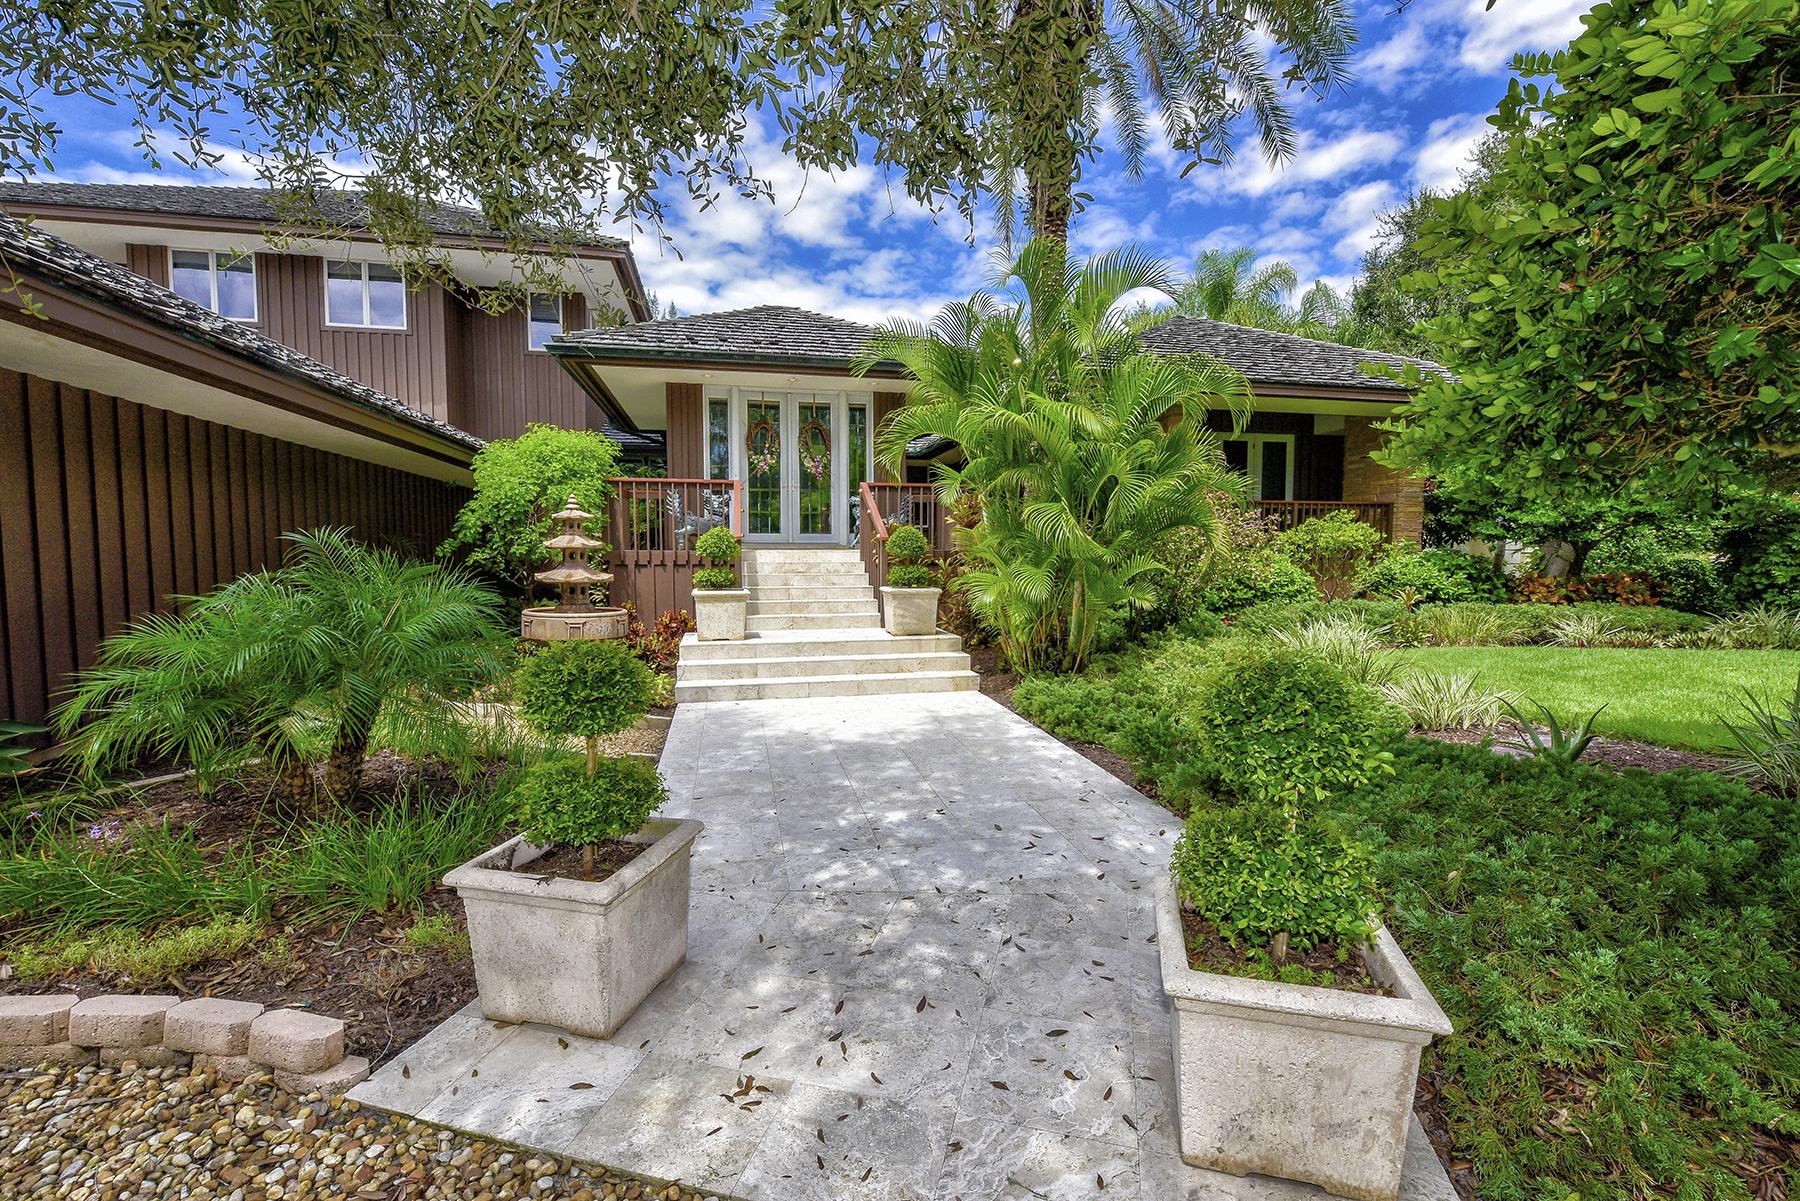 Casa para uma família para Venda às CASEY KEY ESTATES 1106 Casey Key Rd Nokomis, Florida, 34275 Estados Unidos